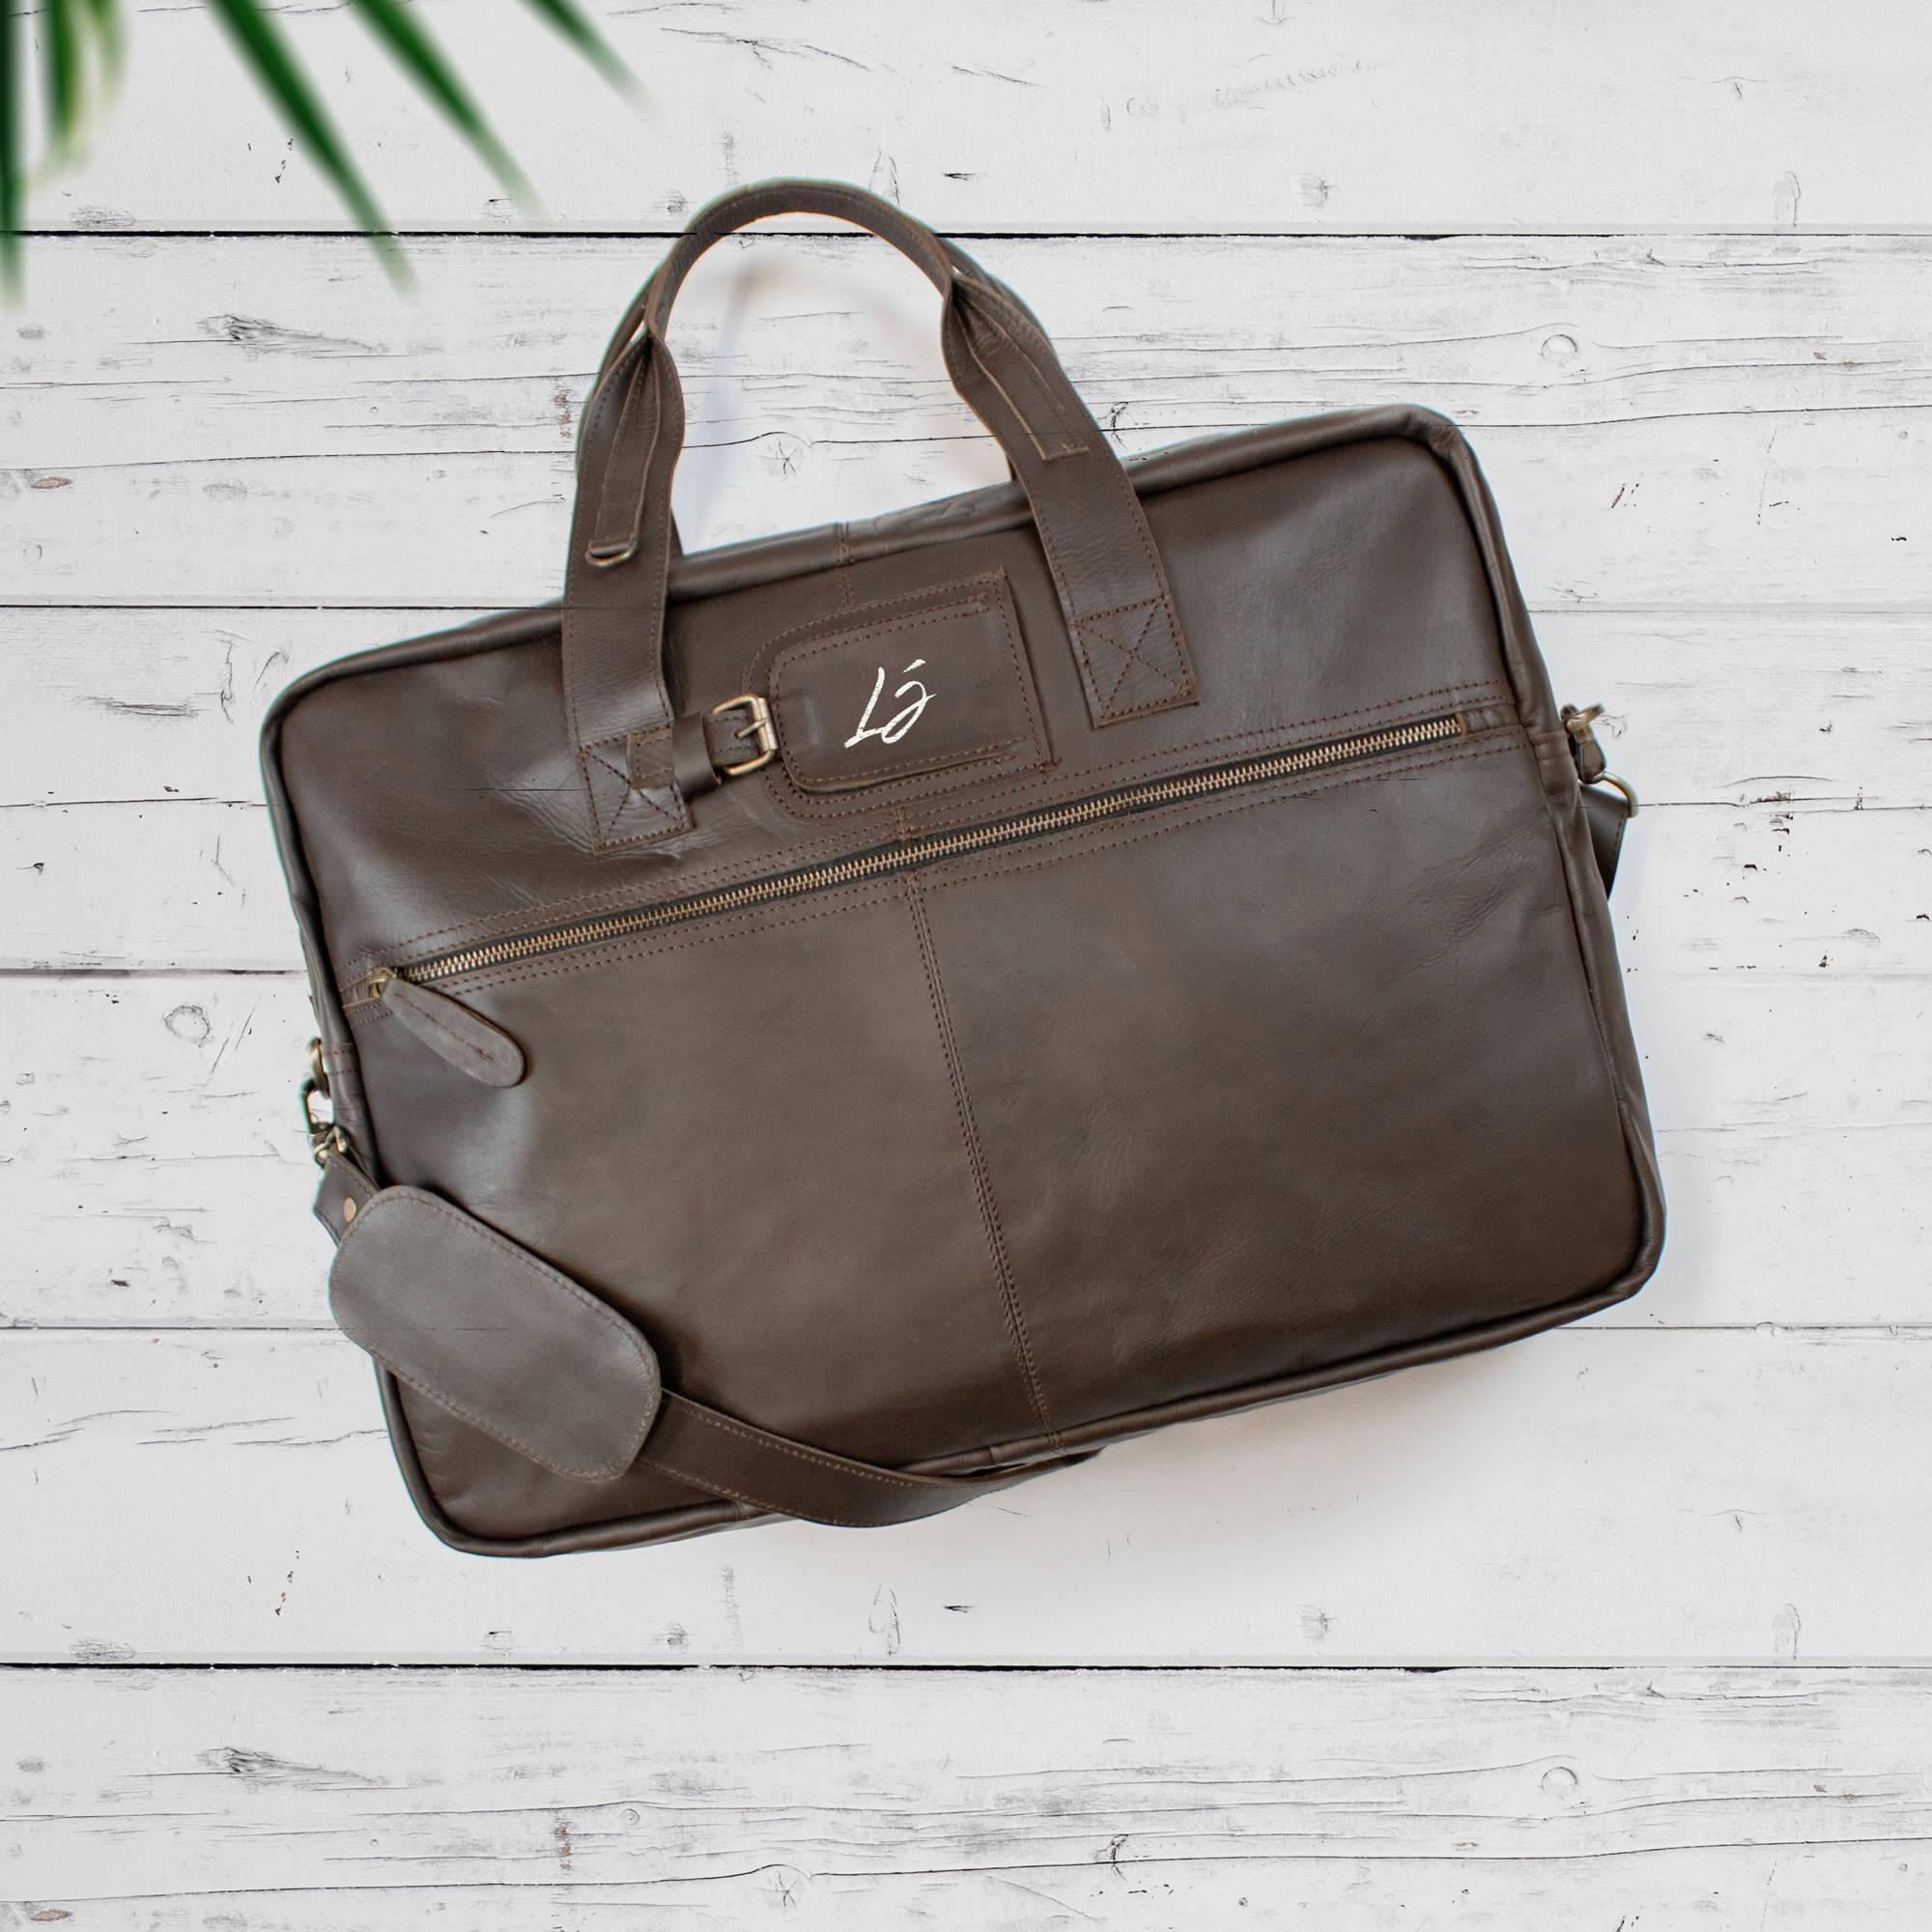 Corporate Branded Weekend Bag